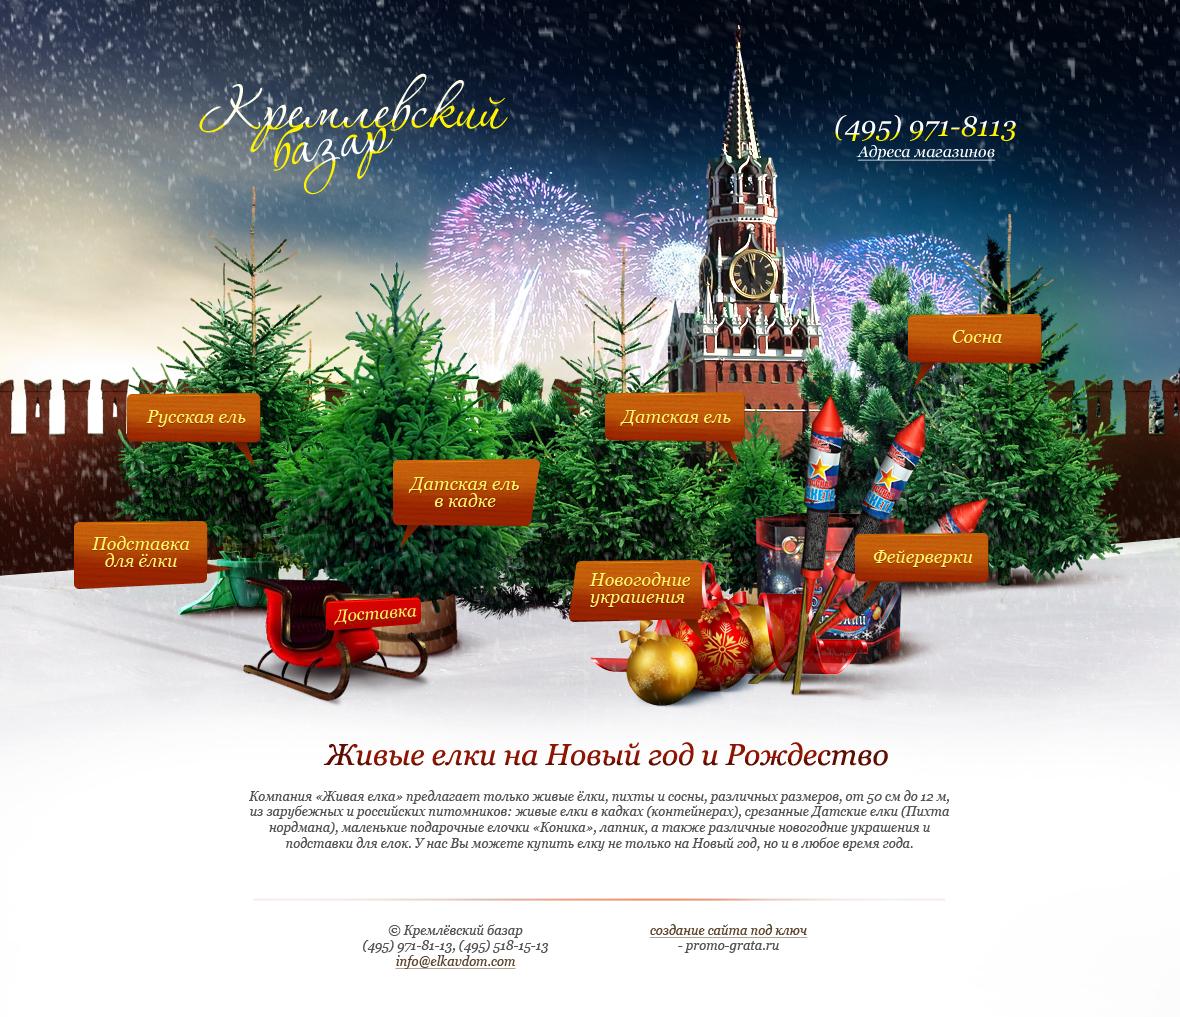 Кремлевский базар - ёлки для новогодней ночи